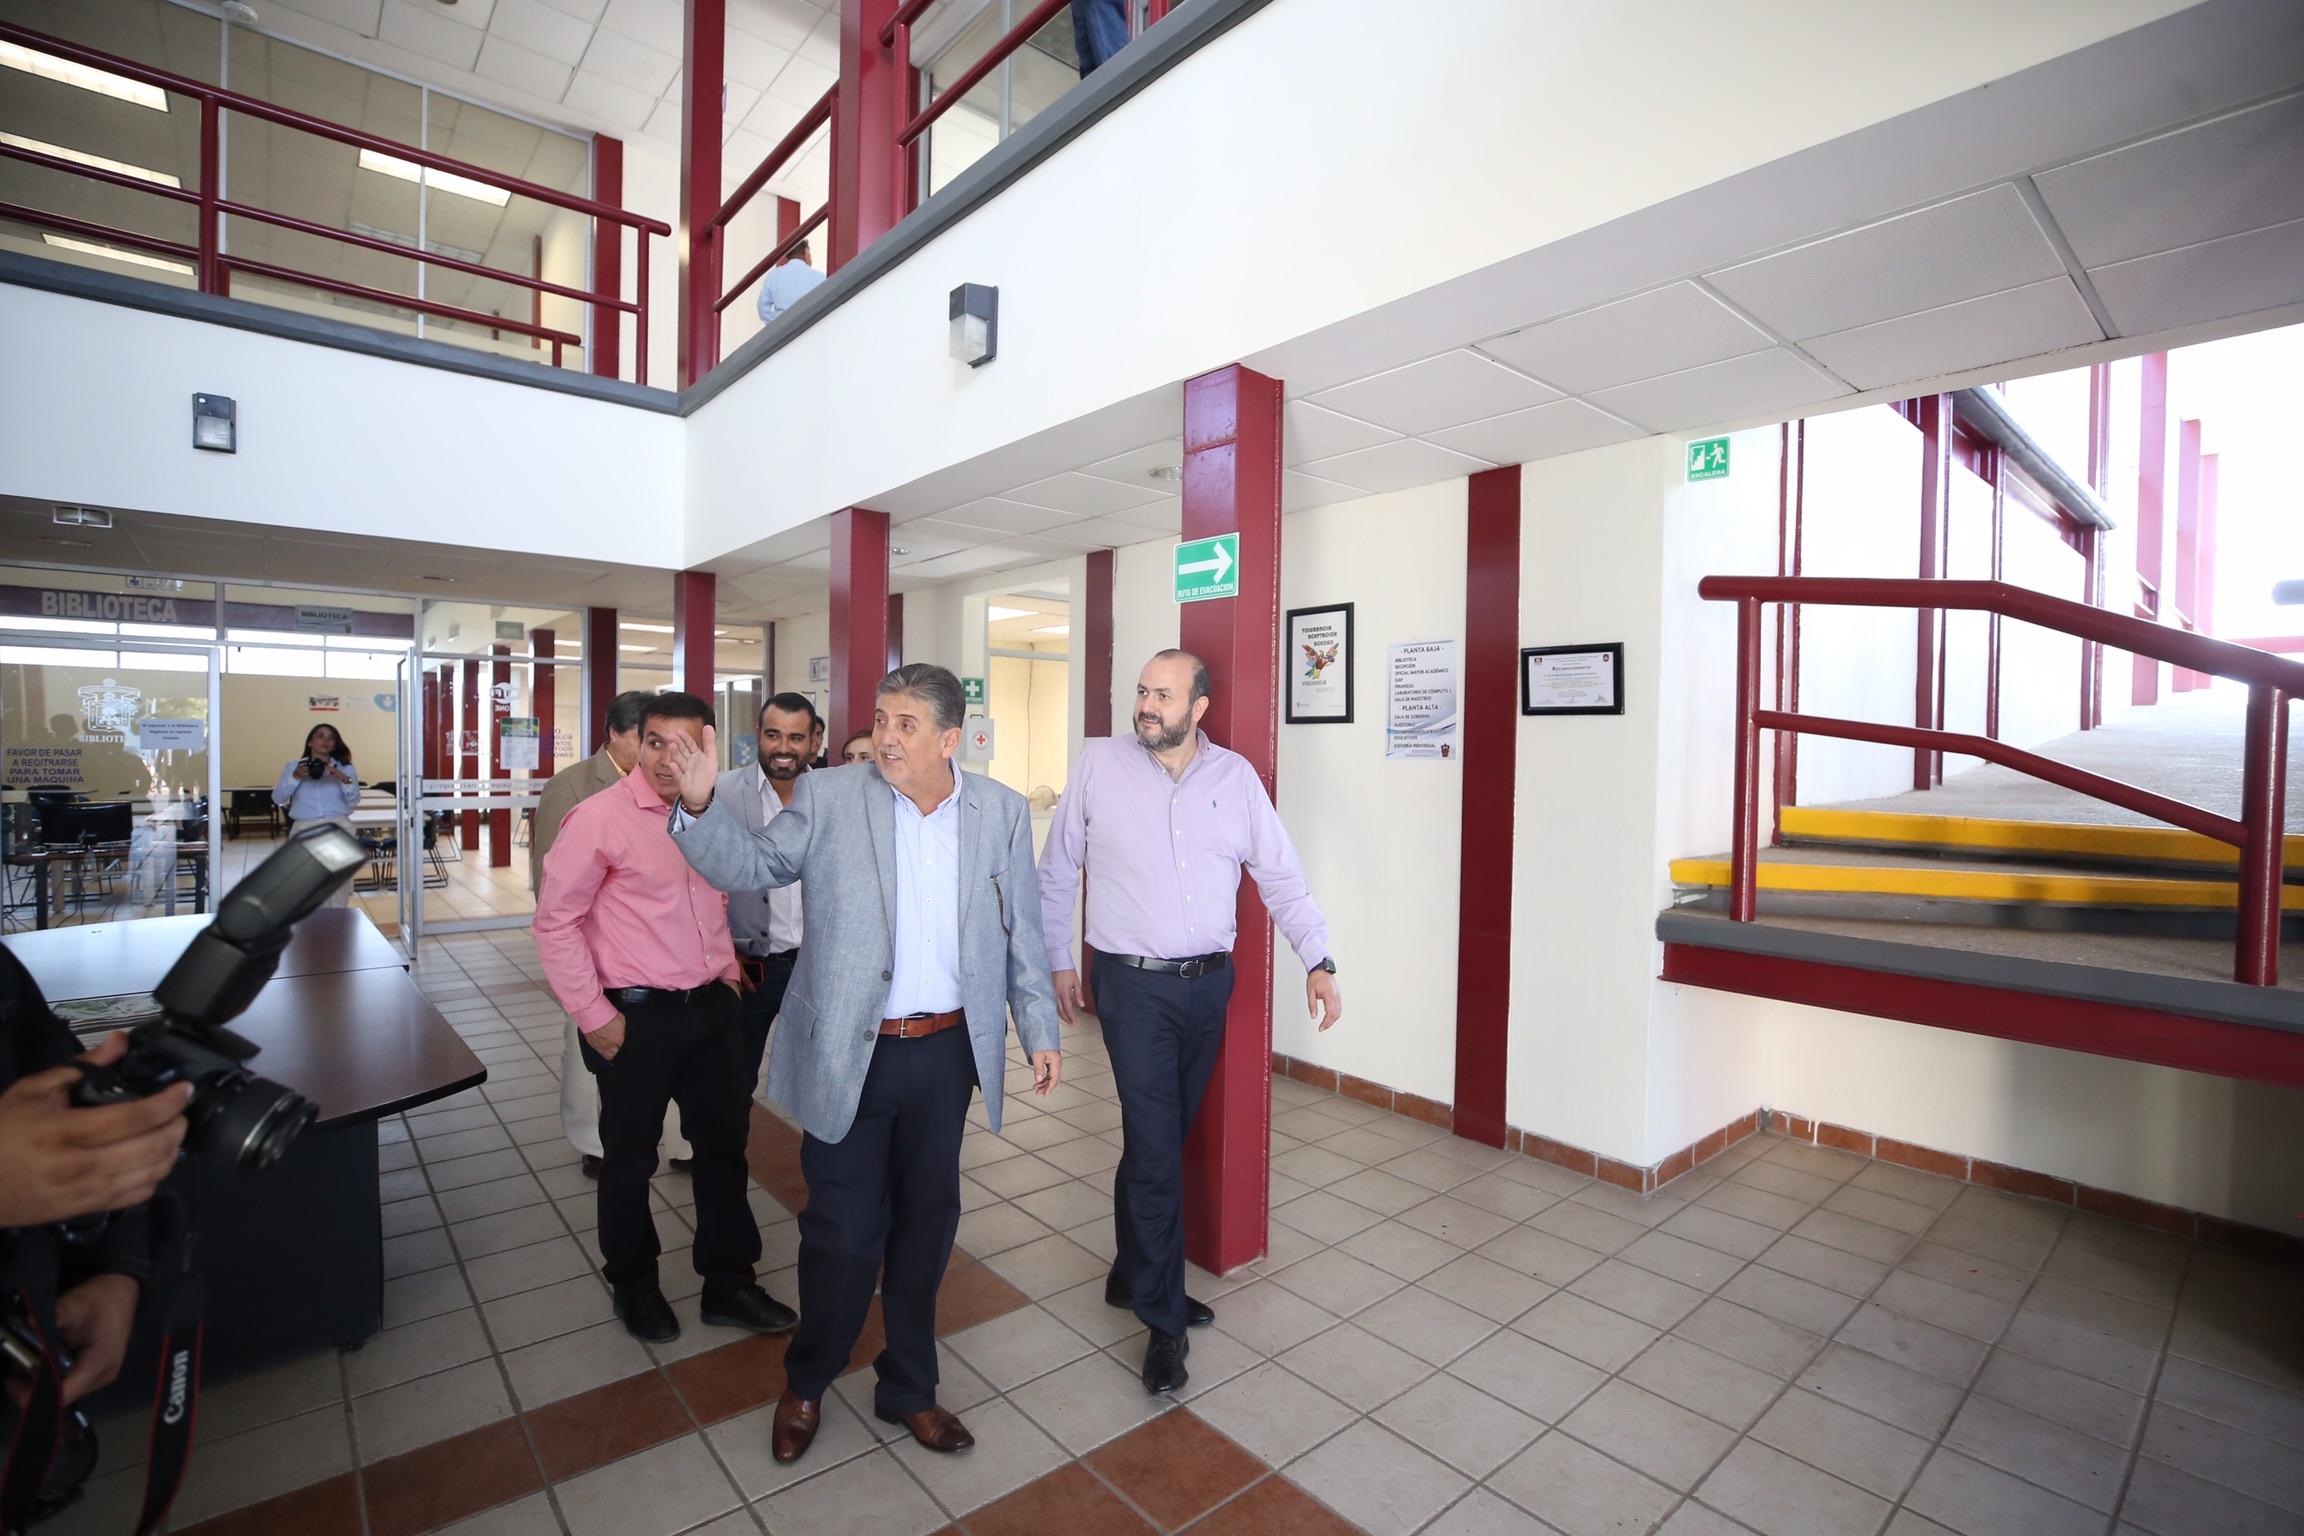 Rector General de la Universidad de Guadalajara, doctor Ricardo Villanueva Lomelí y demás autoridades, visitando la Preparatoria Regional de Autlán